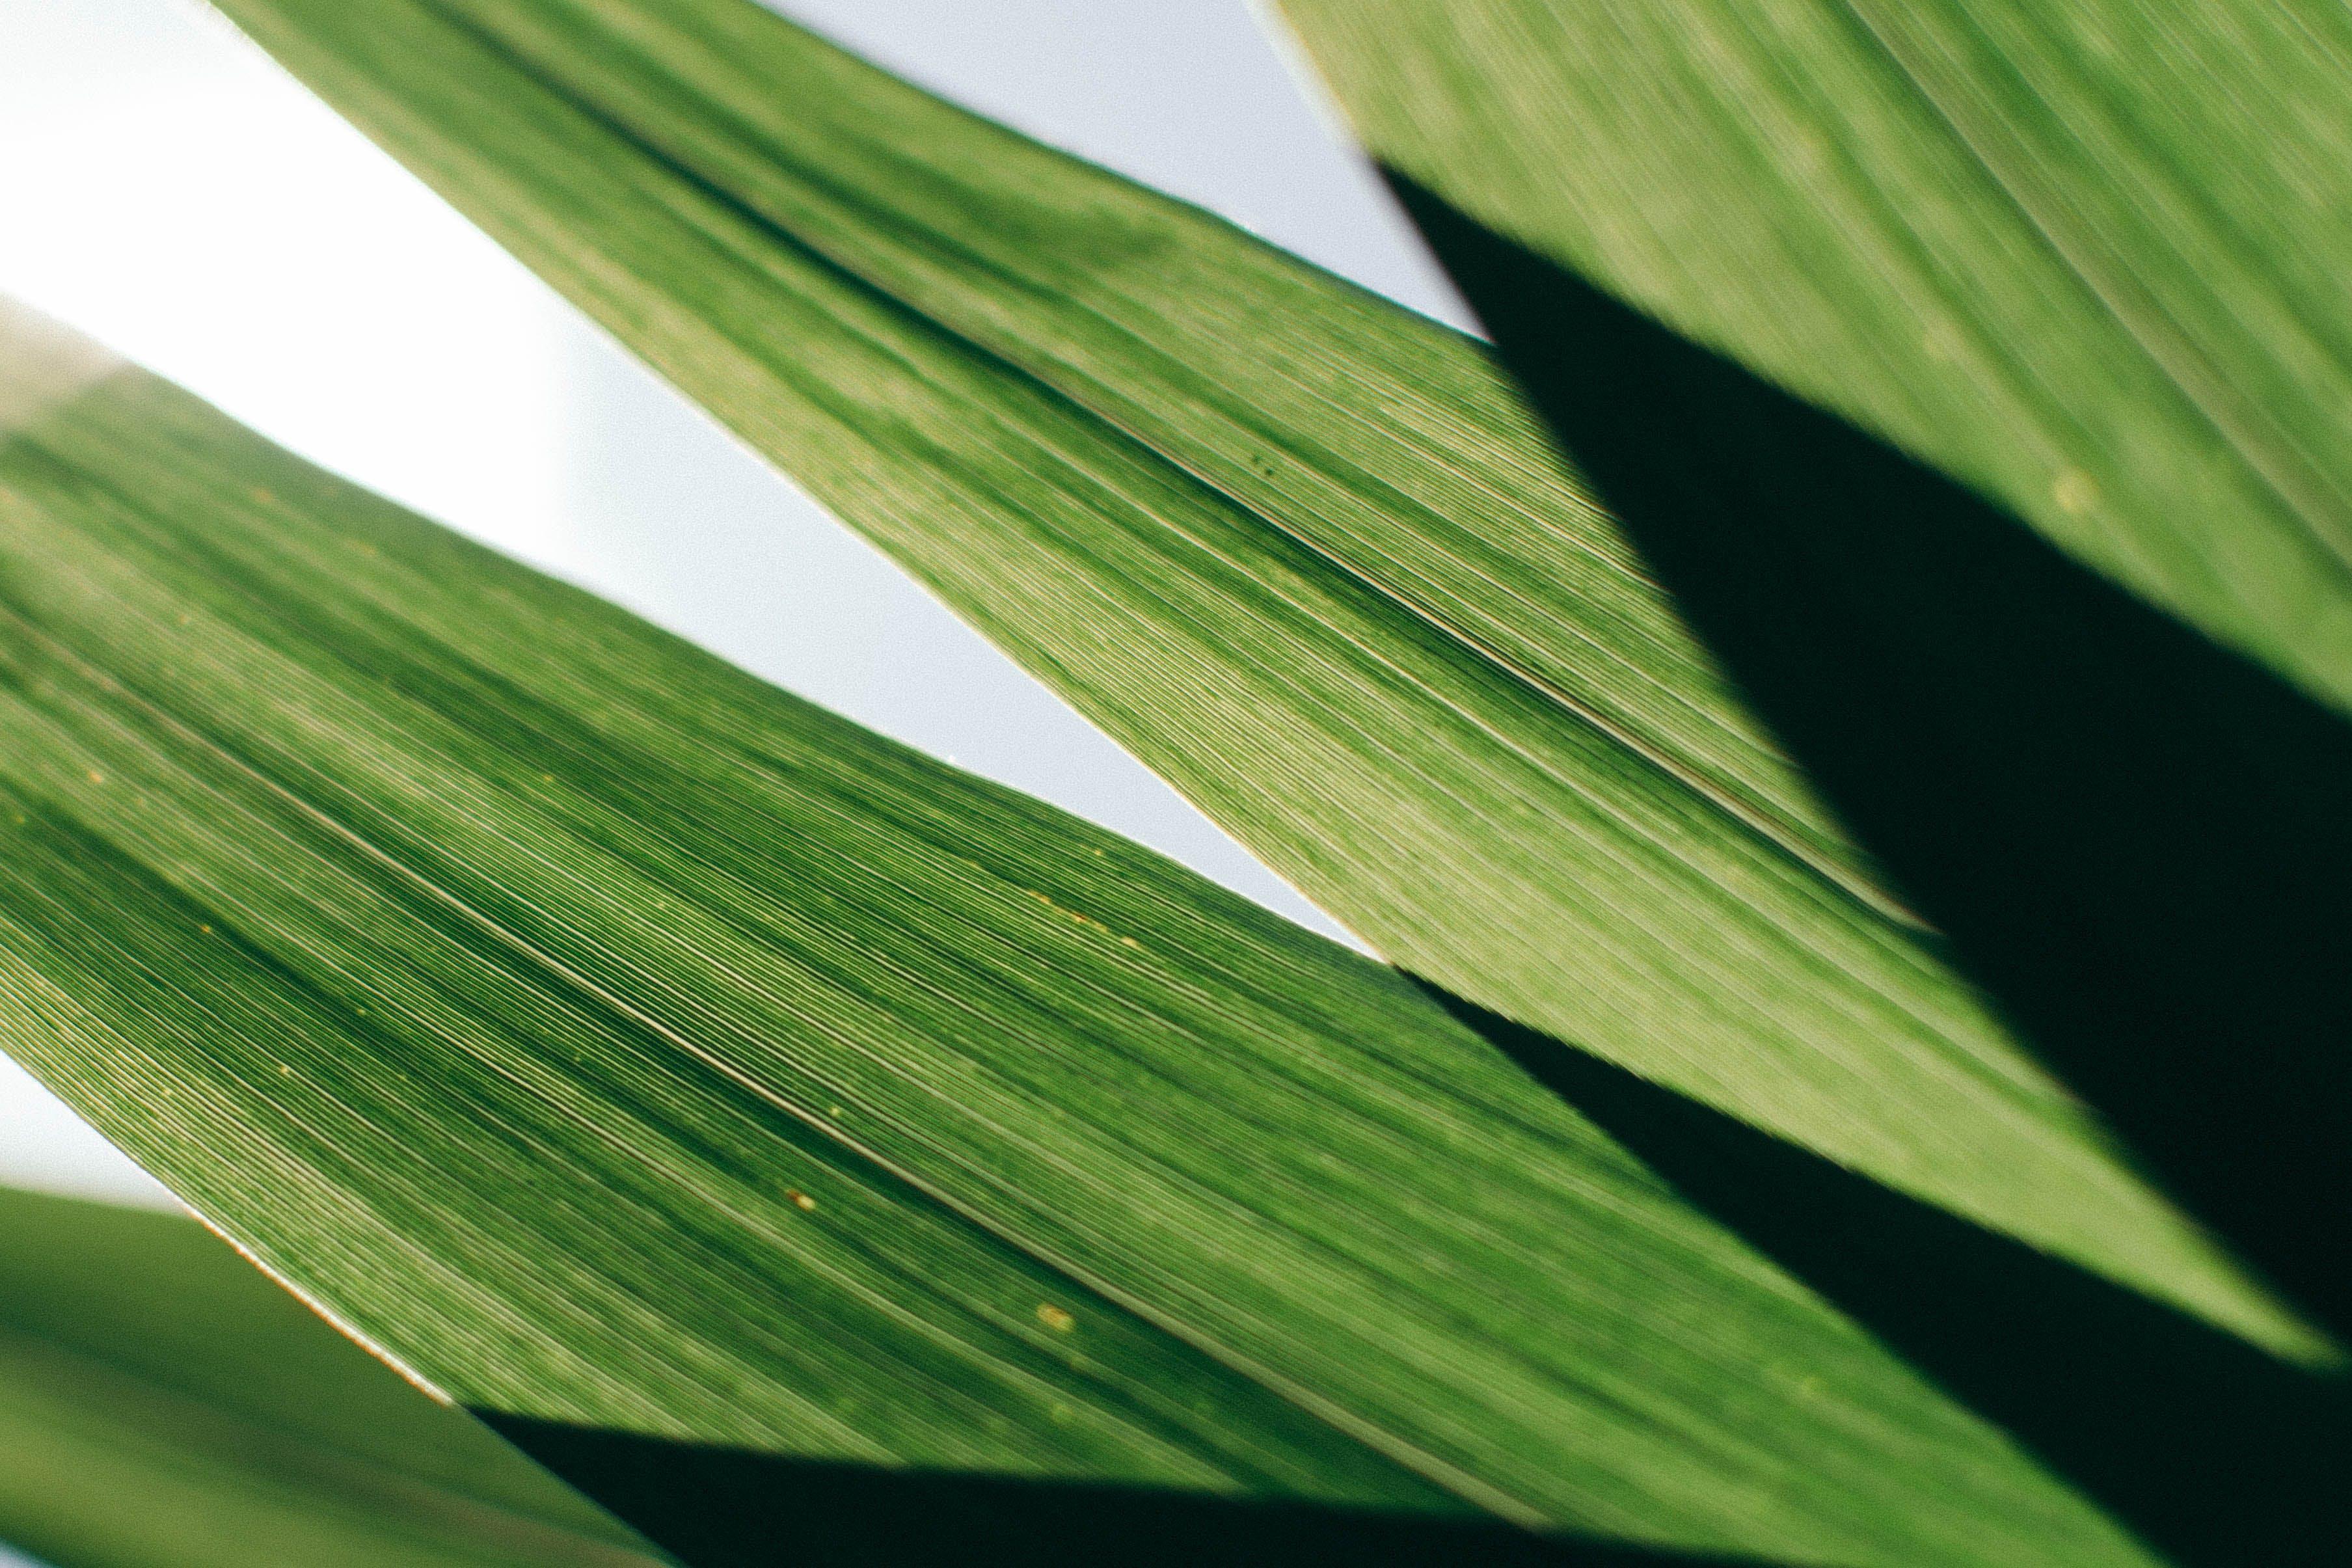 녹색, 성장, 식물, 클로즈업의 무료 스톡 사진